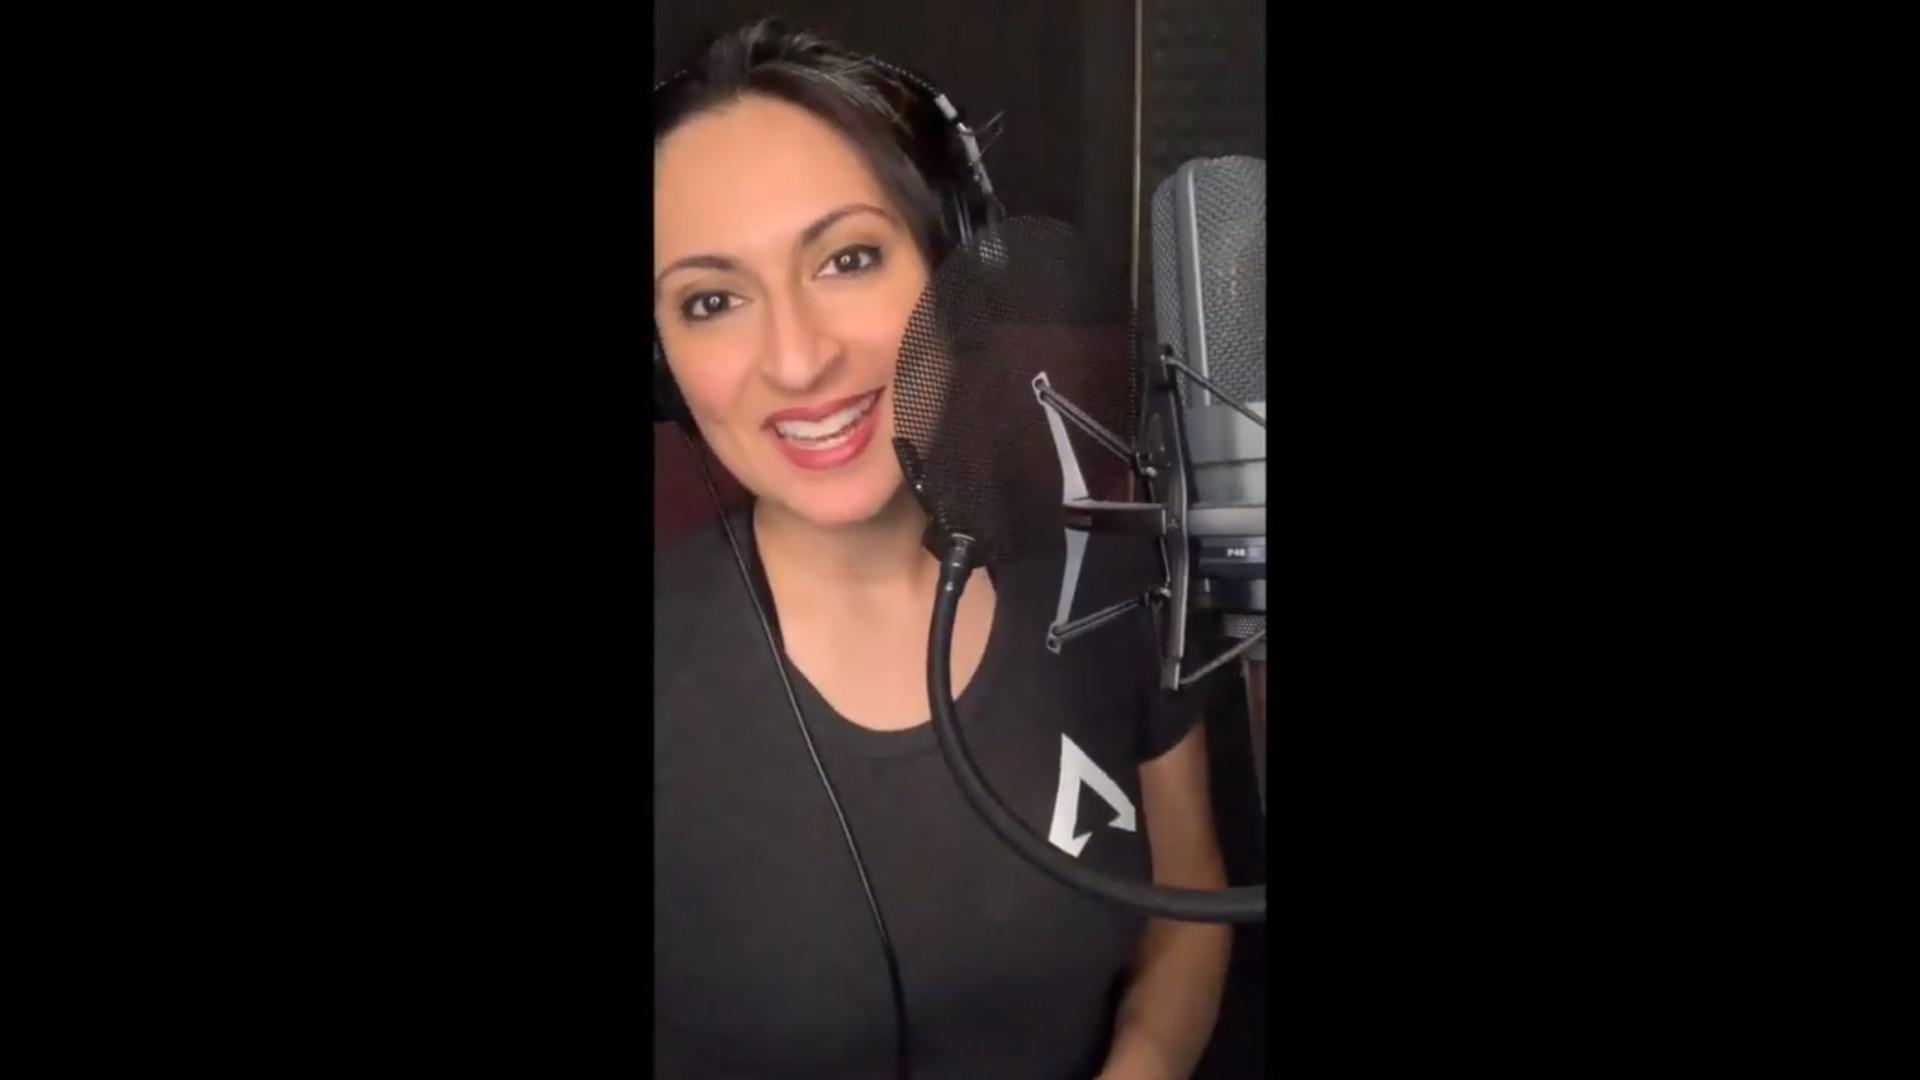 英語版エーペックスの「アナウンサー」Zehra Fazalさんが日本のAPEXファンに向けてメッセージ動画を投稿してくれたぞ!!